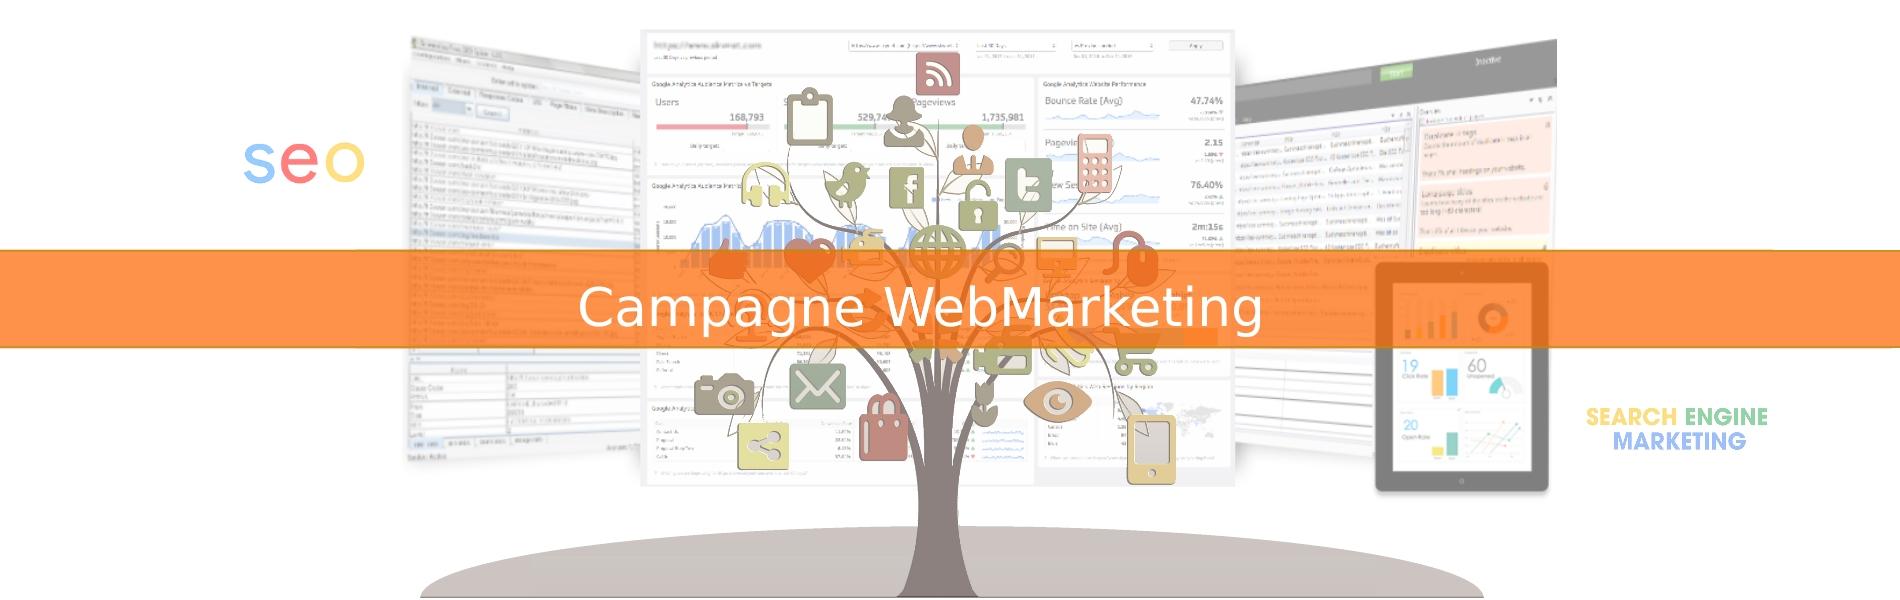 Realizziamo Siti Web, Campagne Web Marketing, SEO e SEM